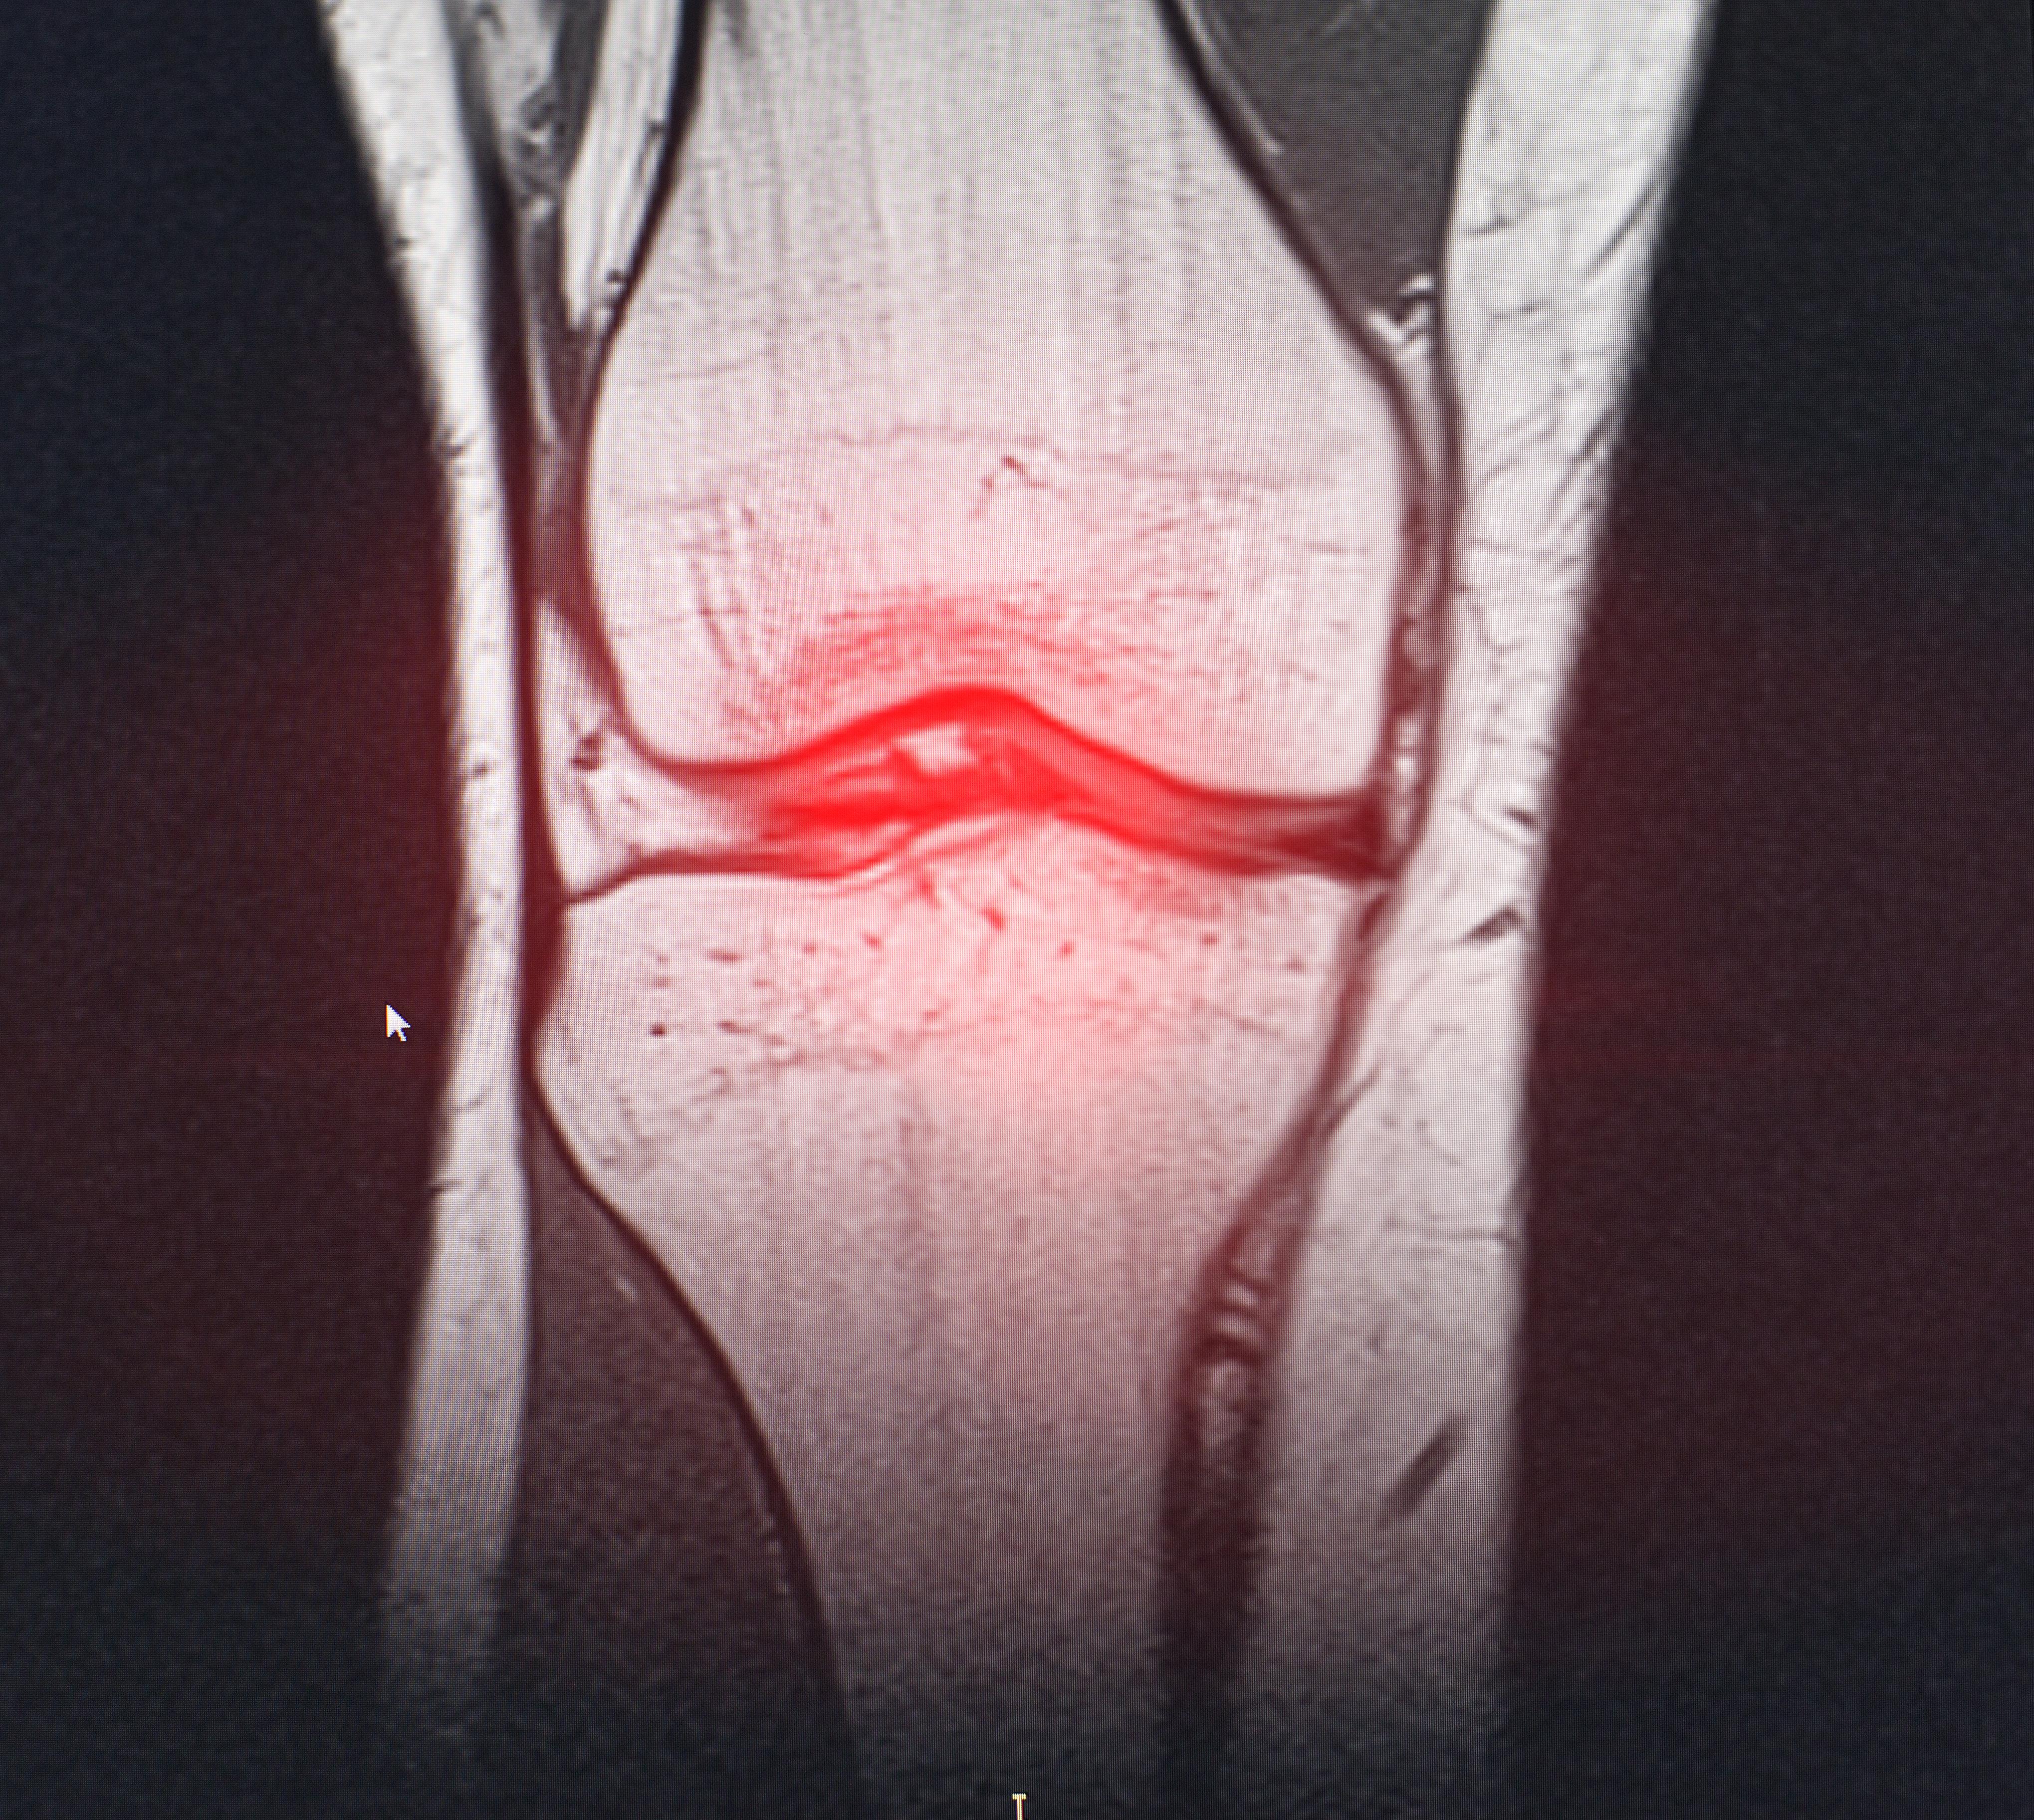 Artrosis: tres años de espera para ser diagnosticado